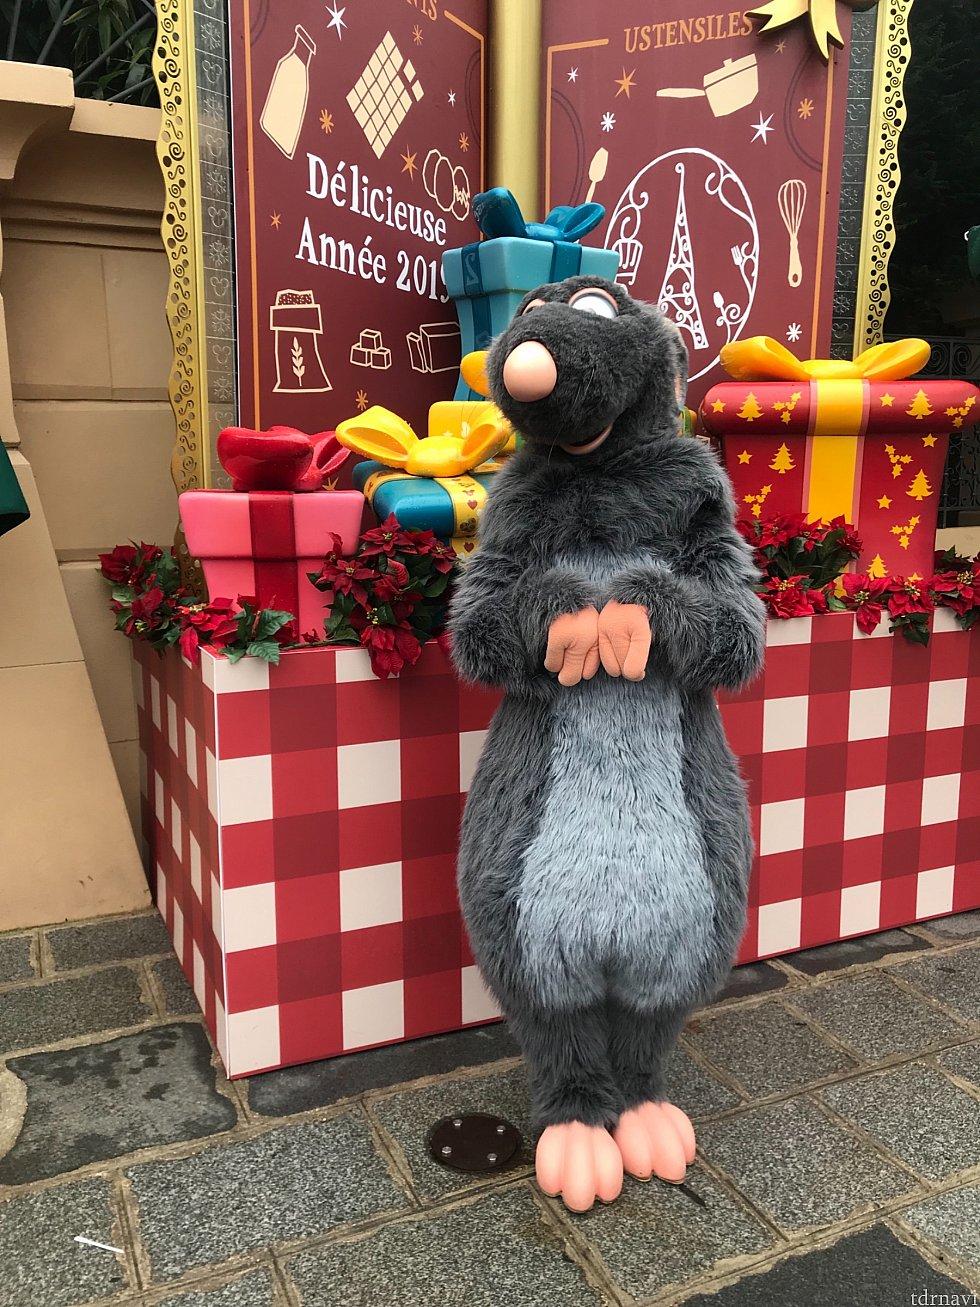 レミーがクリスマスらしいかわいい背景で待っています!日によってはエミールやリングイニにも会えるみたいです。